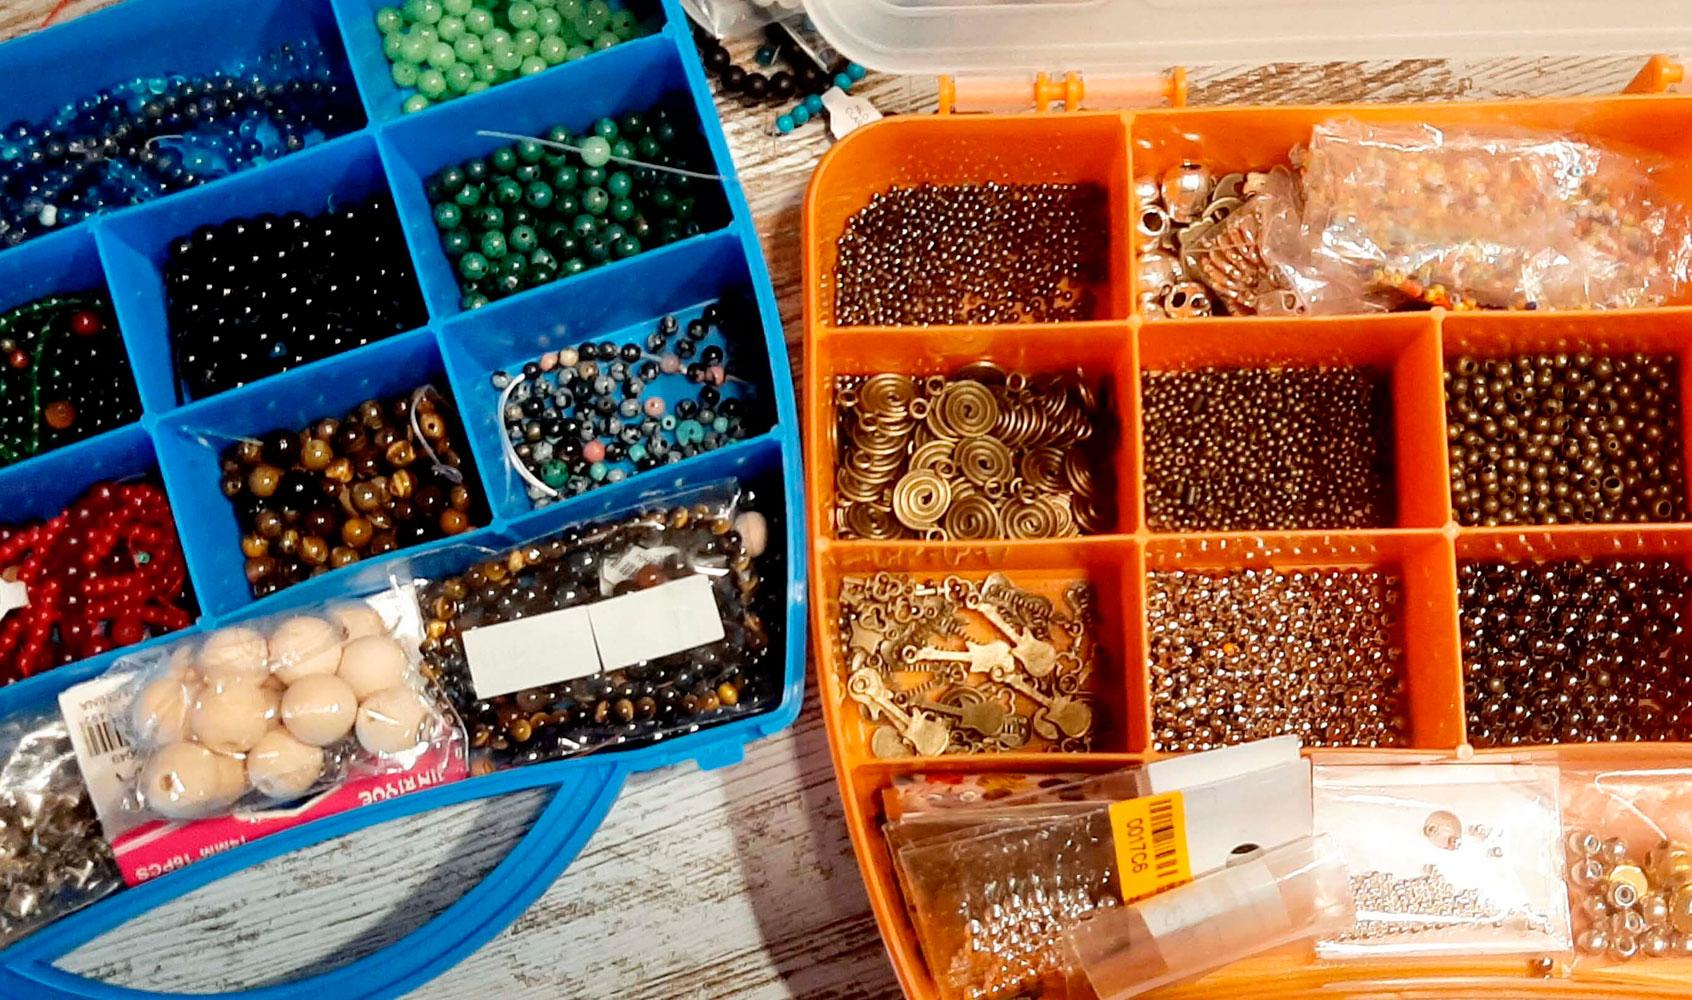 Complementos usados en el taller de QuéSinVivir